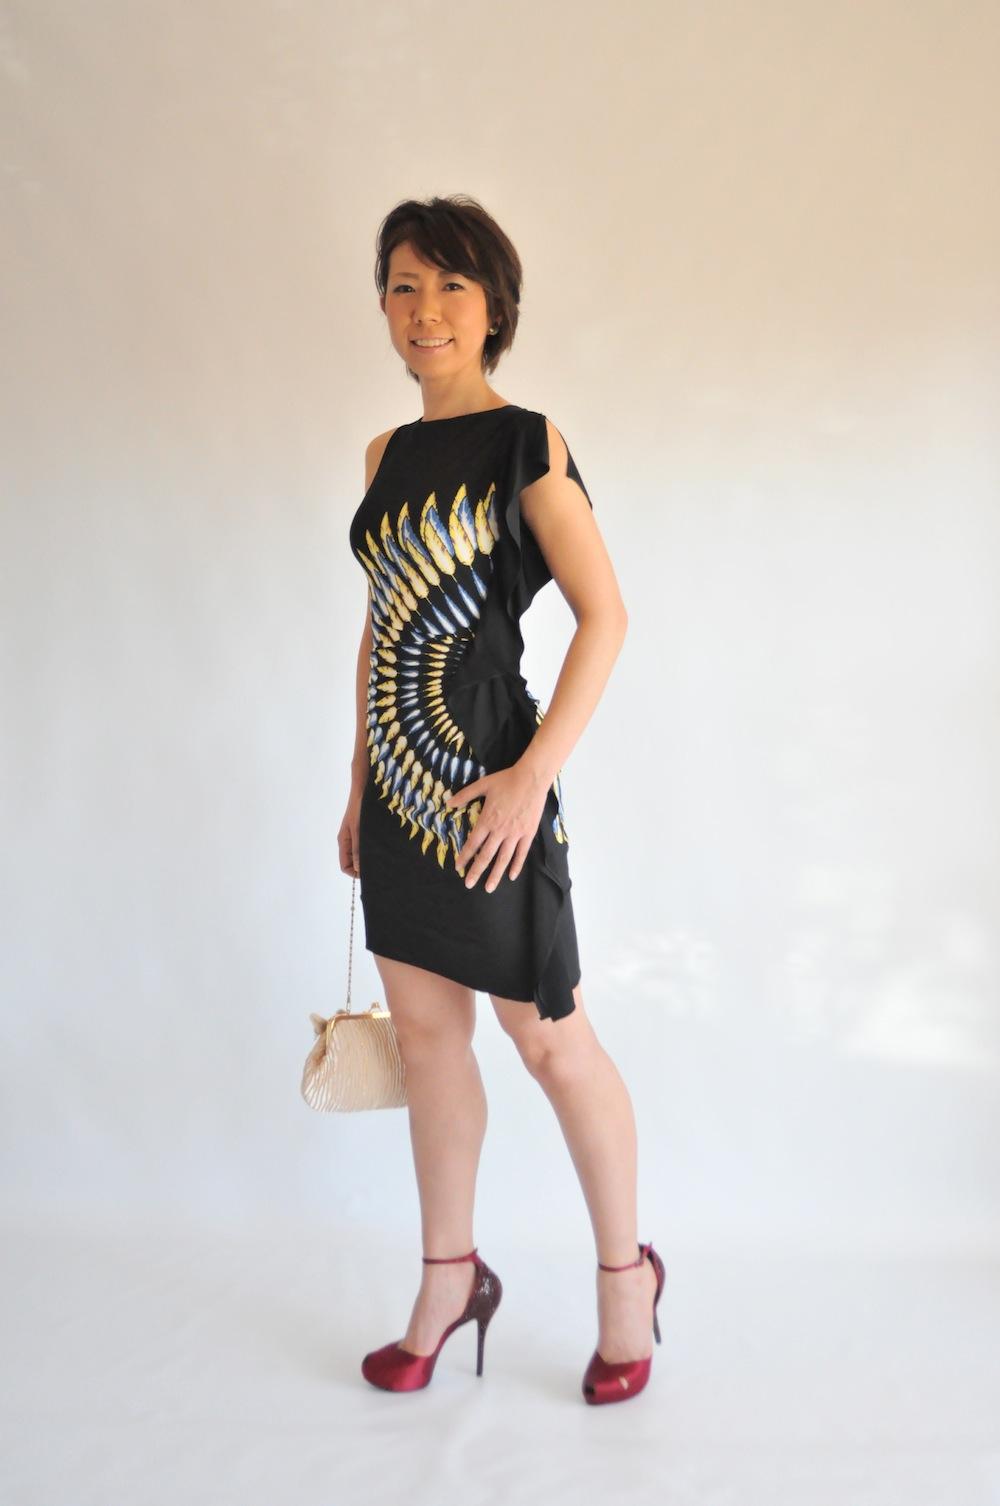 櫻井淳子の画像 p1_20